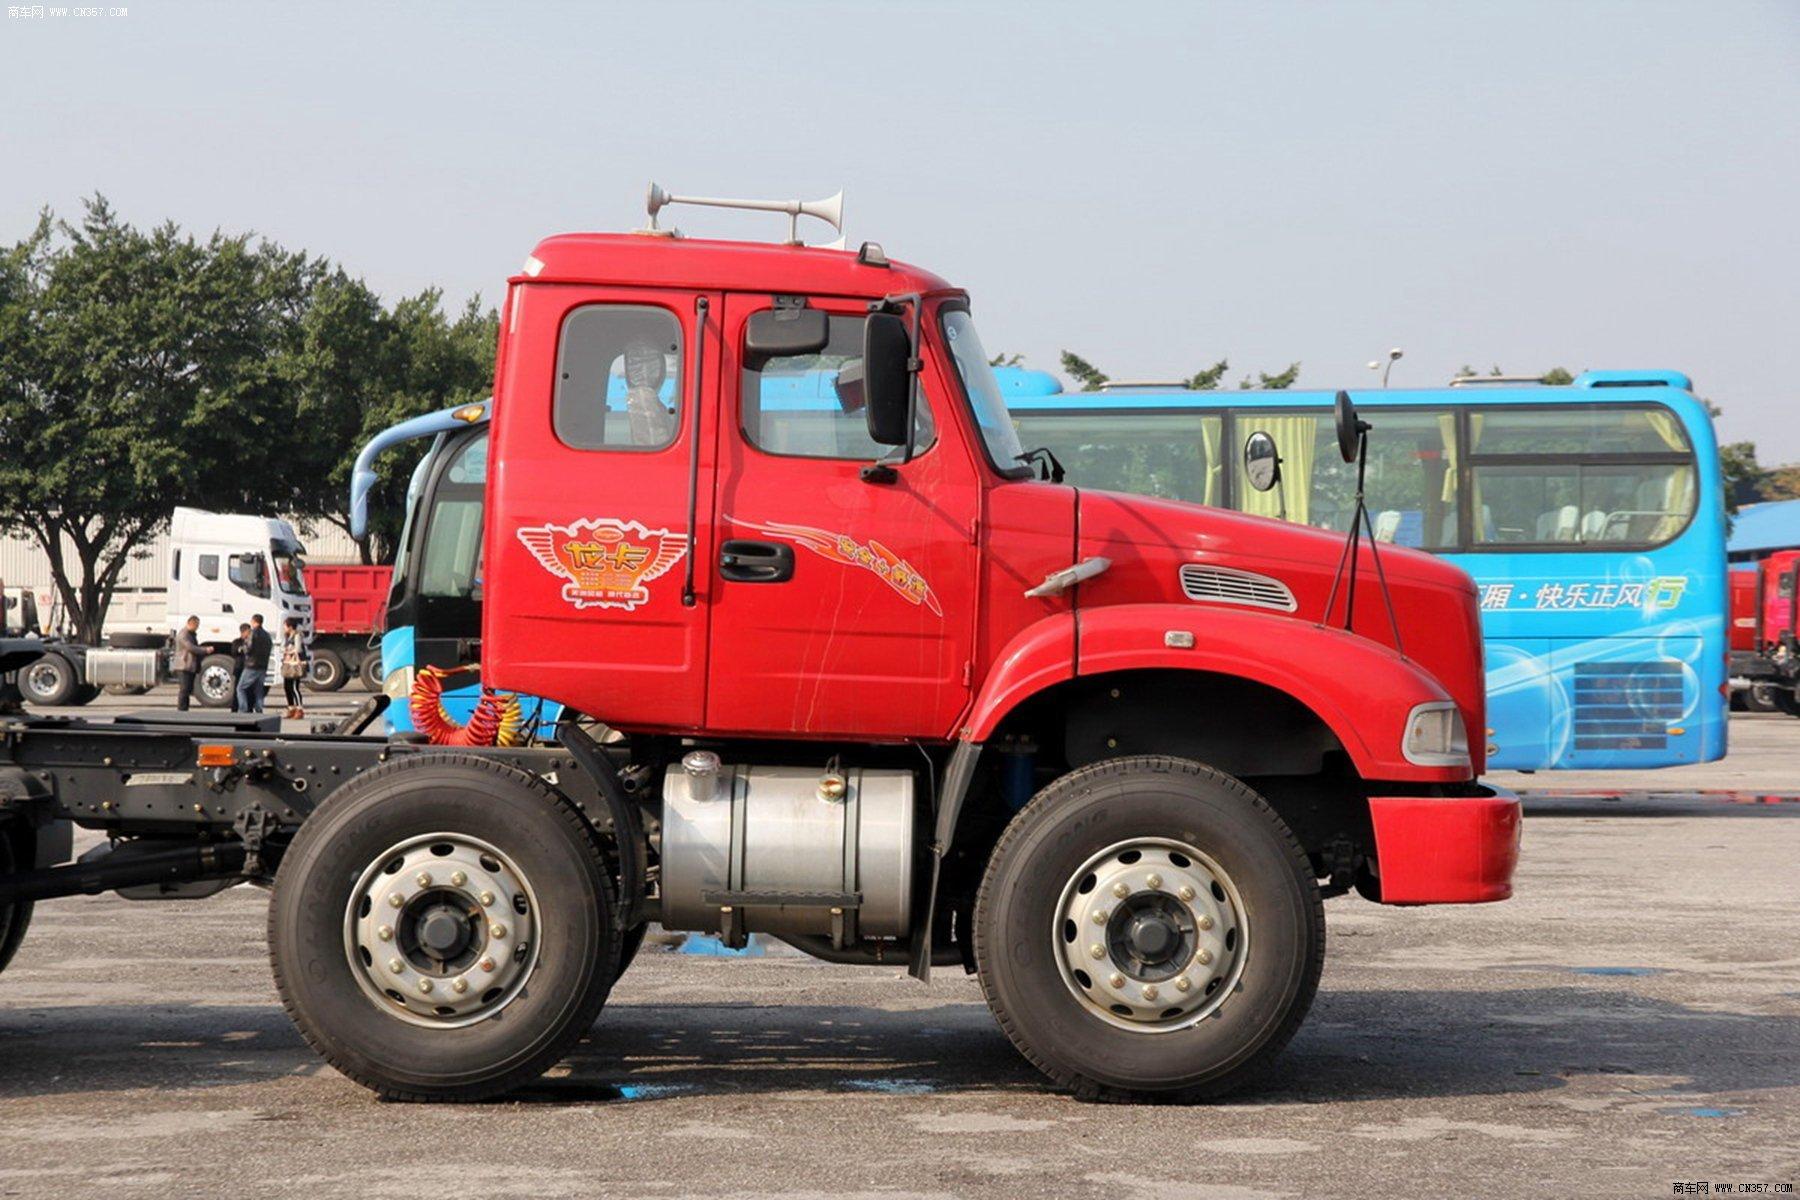 东风柳汽 龙卡 重卡 290马力 6×2 牵引车 lz4231jcq